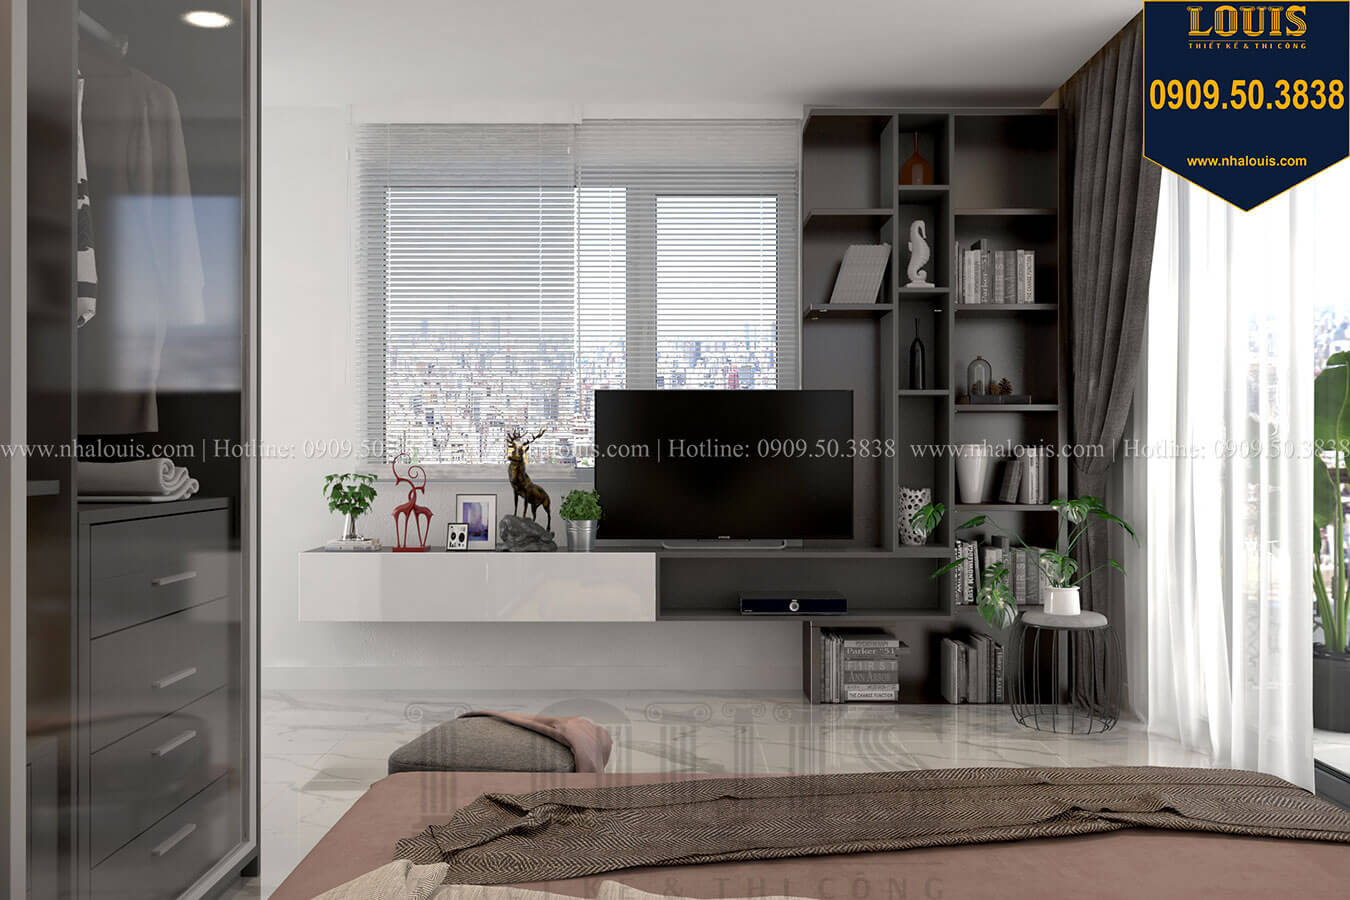 Phòng ngủ Thiết kế biệt thự 3 tầng hiện đại mặt tiền 10m tại Cần Thơ - 19